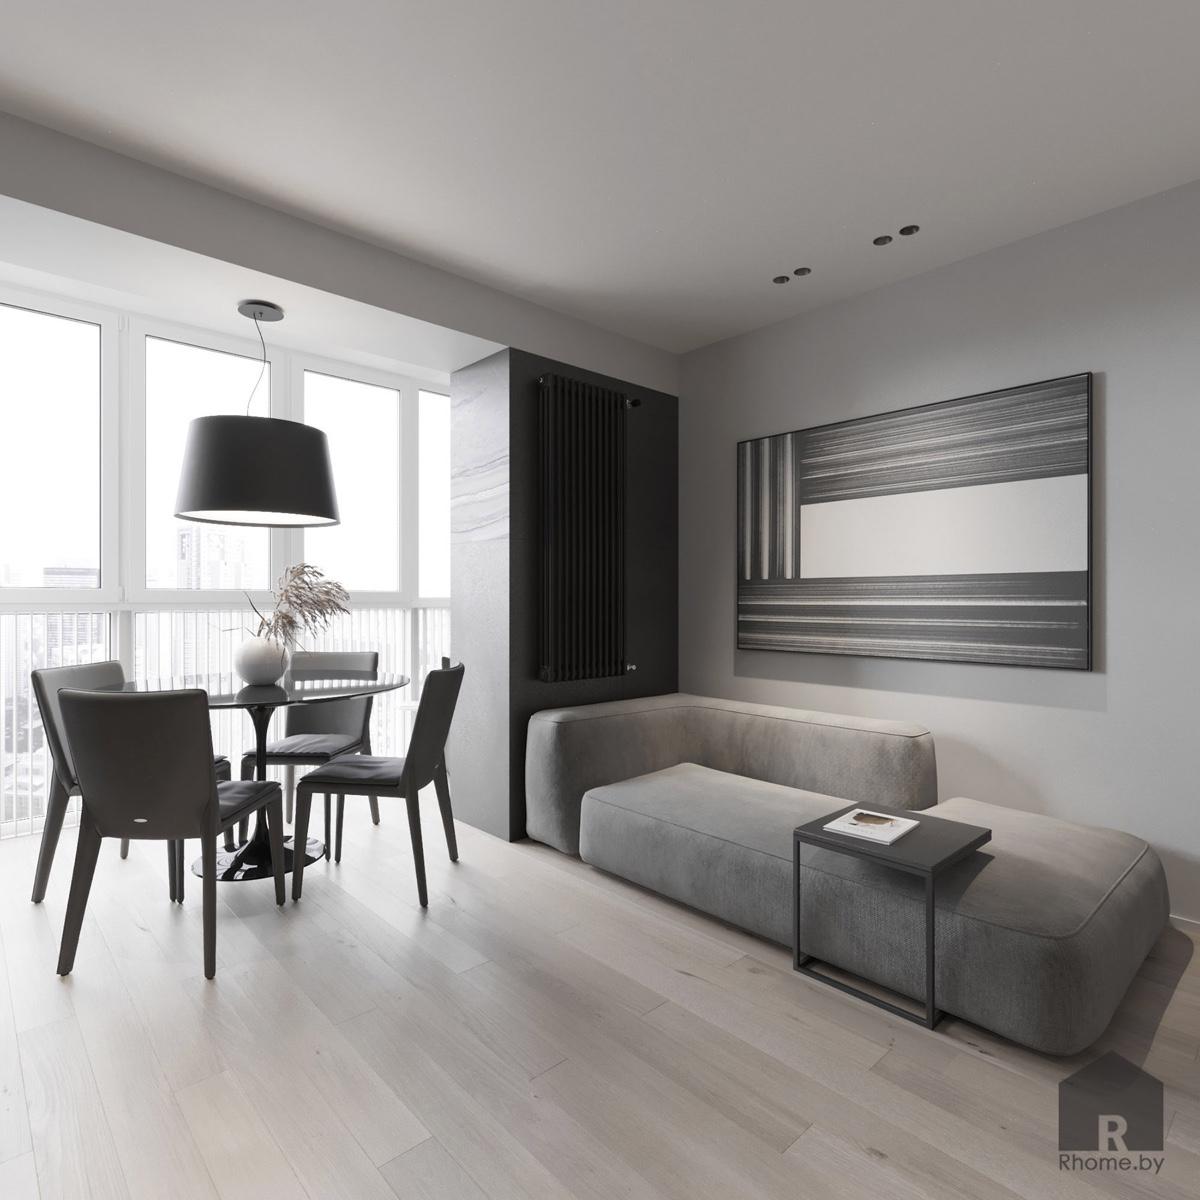 Дизайн интерьера гостиной в квартире на улице Мстиславца | Дизайн студия – Rhome.by